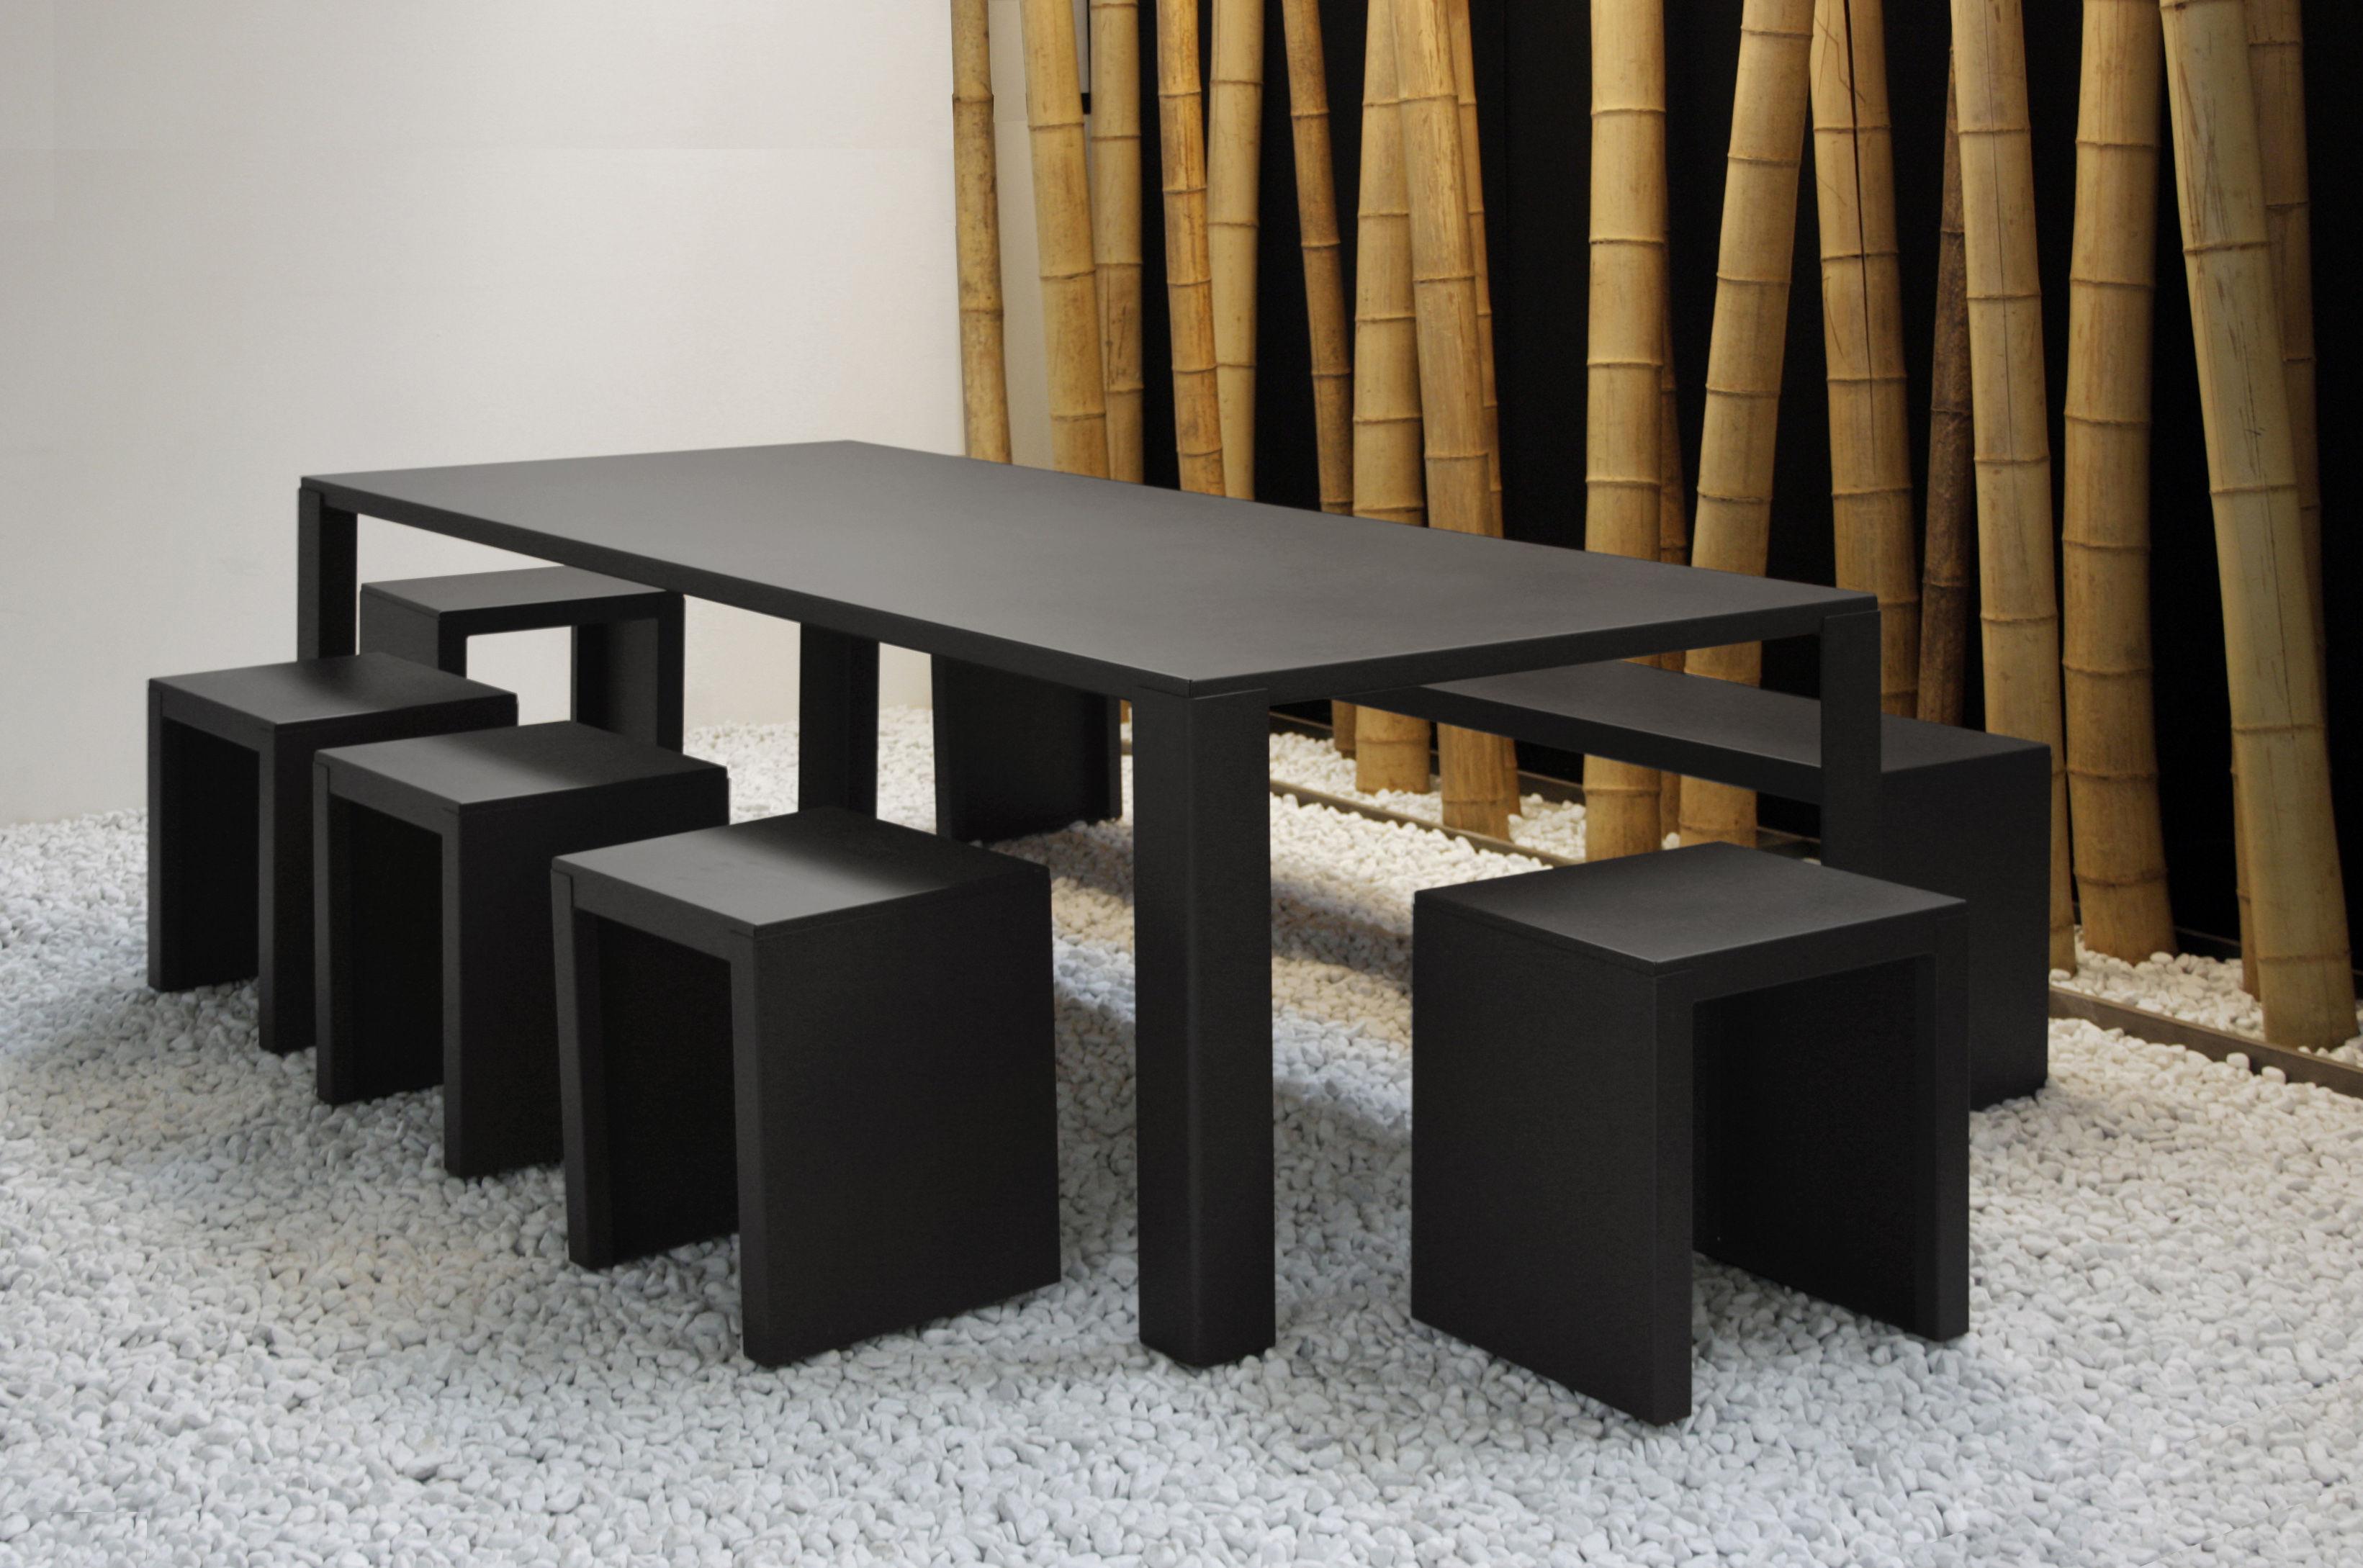 Table de jardin big irony outdoor l 200 cm gris chaud zeus for Table 85 cm de large